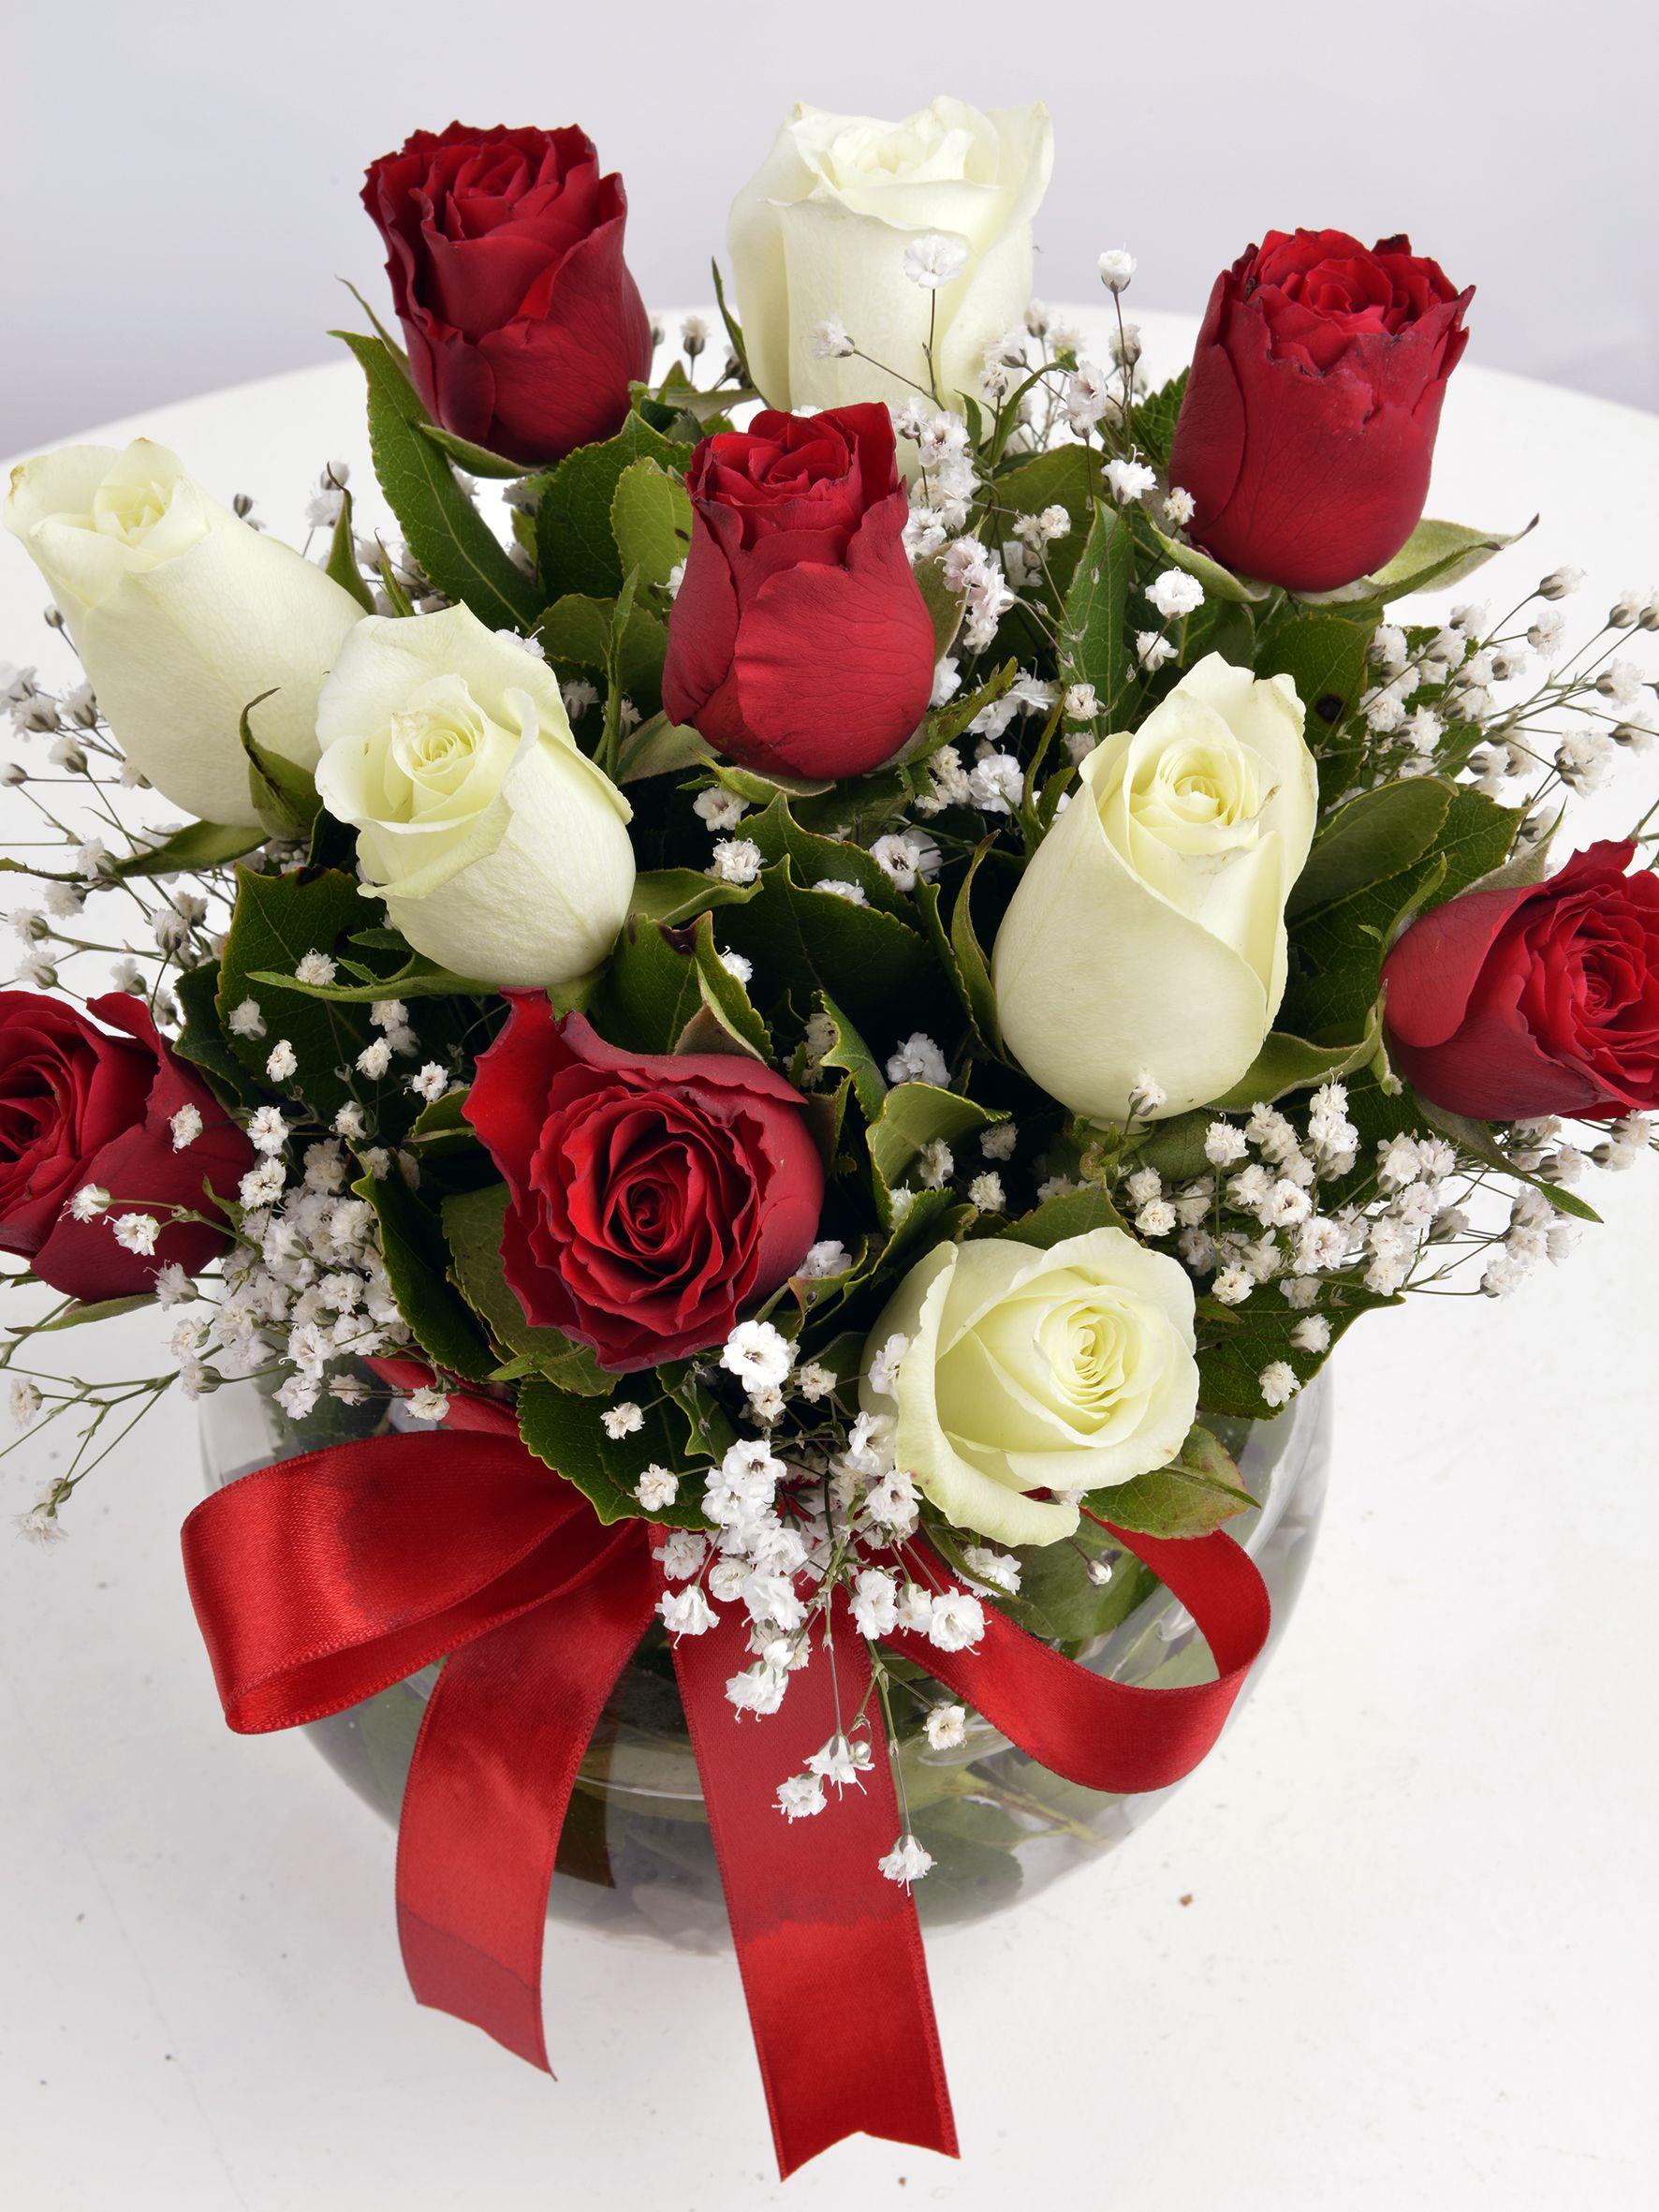 Aşk Küresi Kırmızı Beyaz Güller Aranjmanlar çiçek gönder